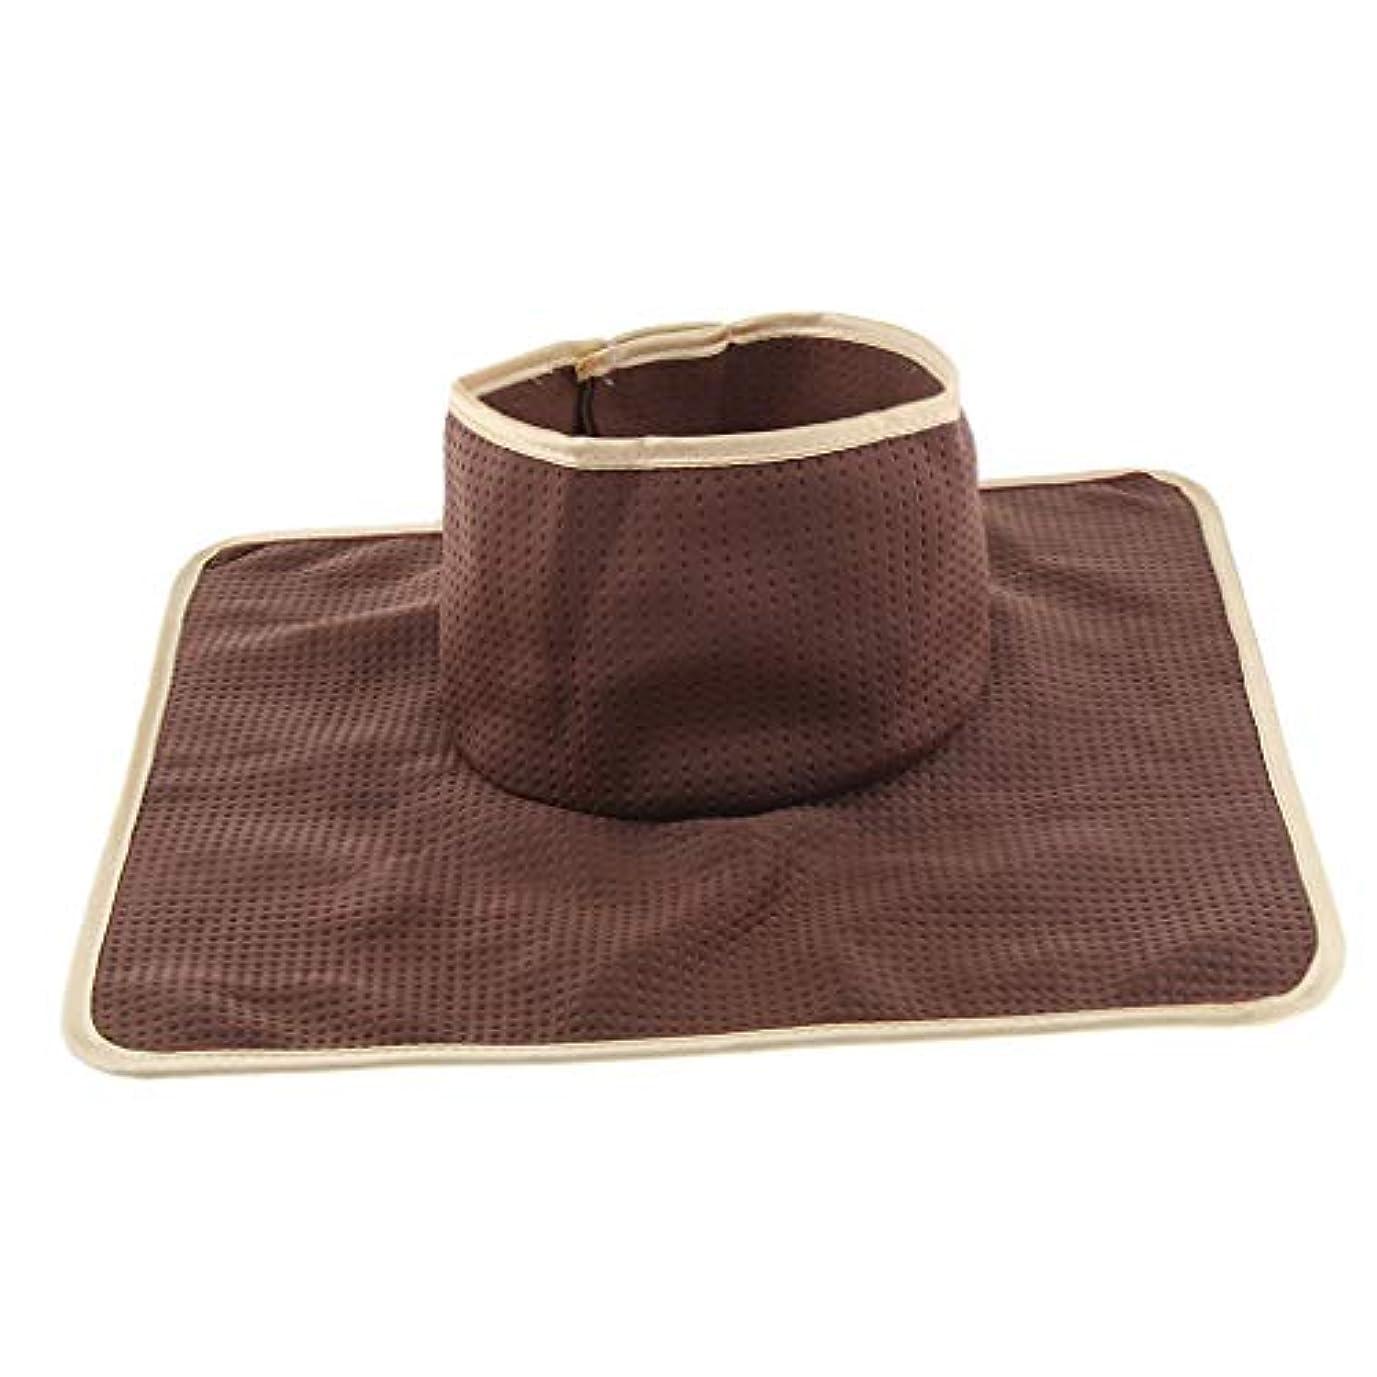 勇者テレマコス惑星マッサージベッド サロンテーブル シート パッド 頭の穴 洗濯可能 約35×35cm 全3色 - コーヒー